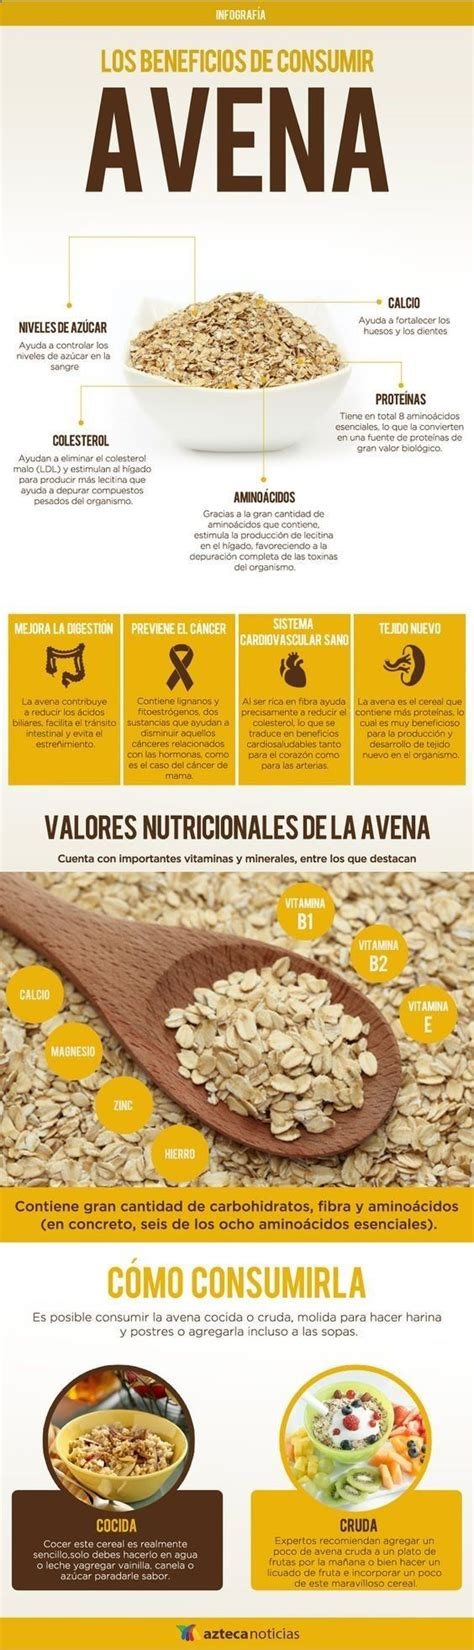 Los beneficios de consumir avena #infografia:   Beneficios ...